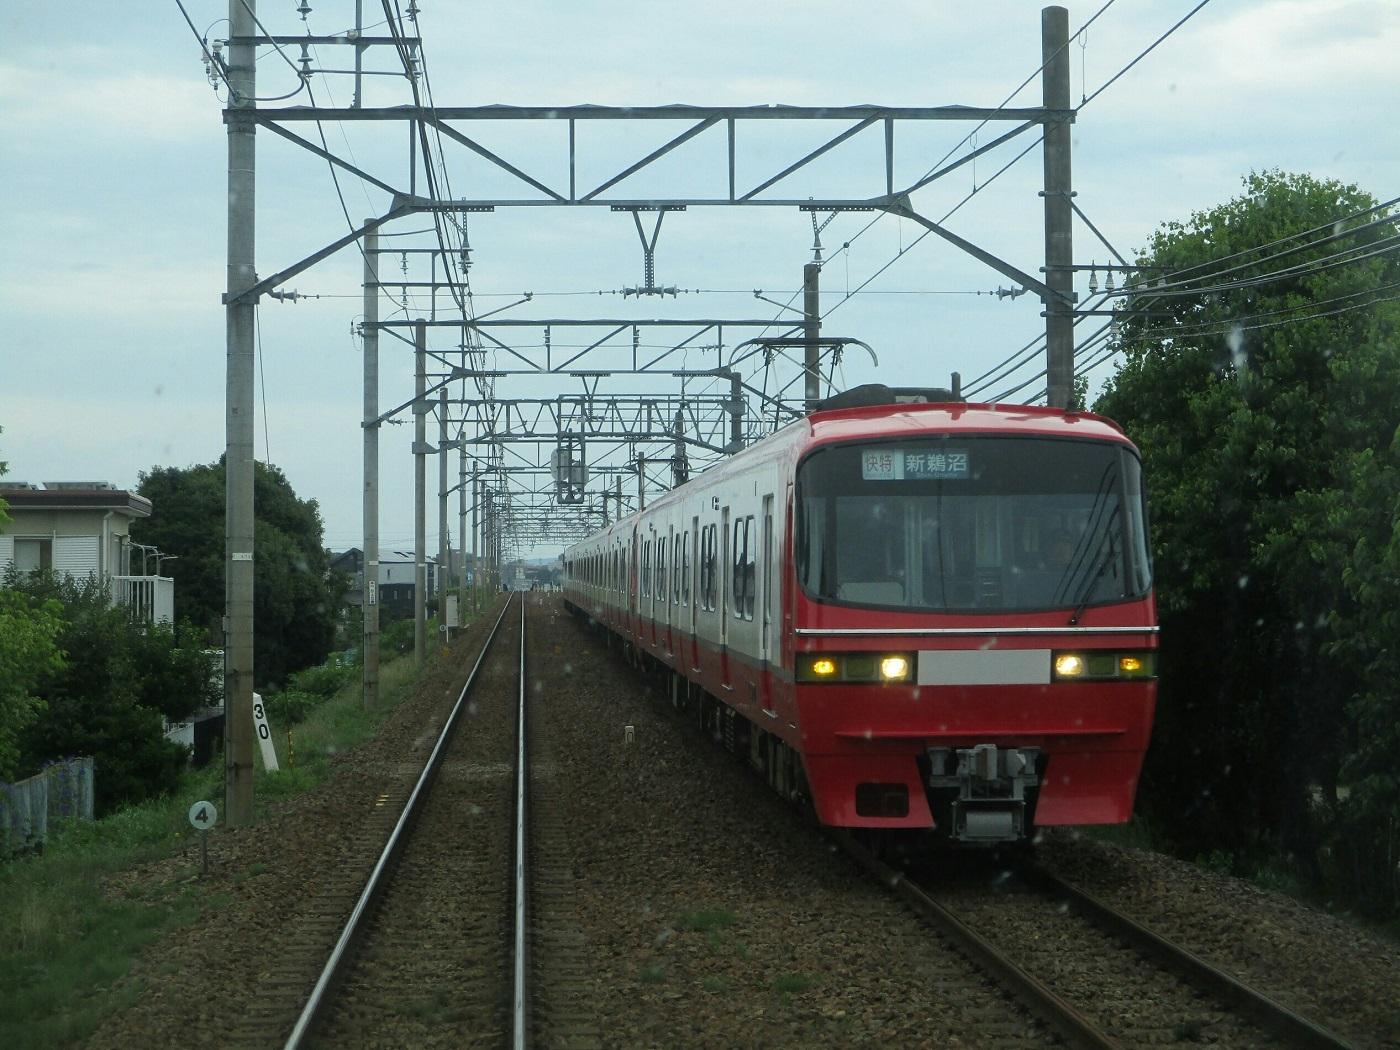 2018.6.21 (11) 東岡崎いきふつう - 矢作橋すぎ(新鵜沼いき快速特急) 1400-1050